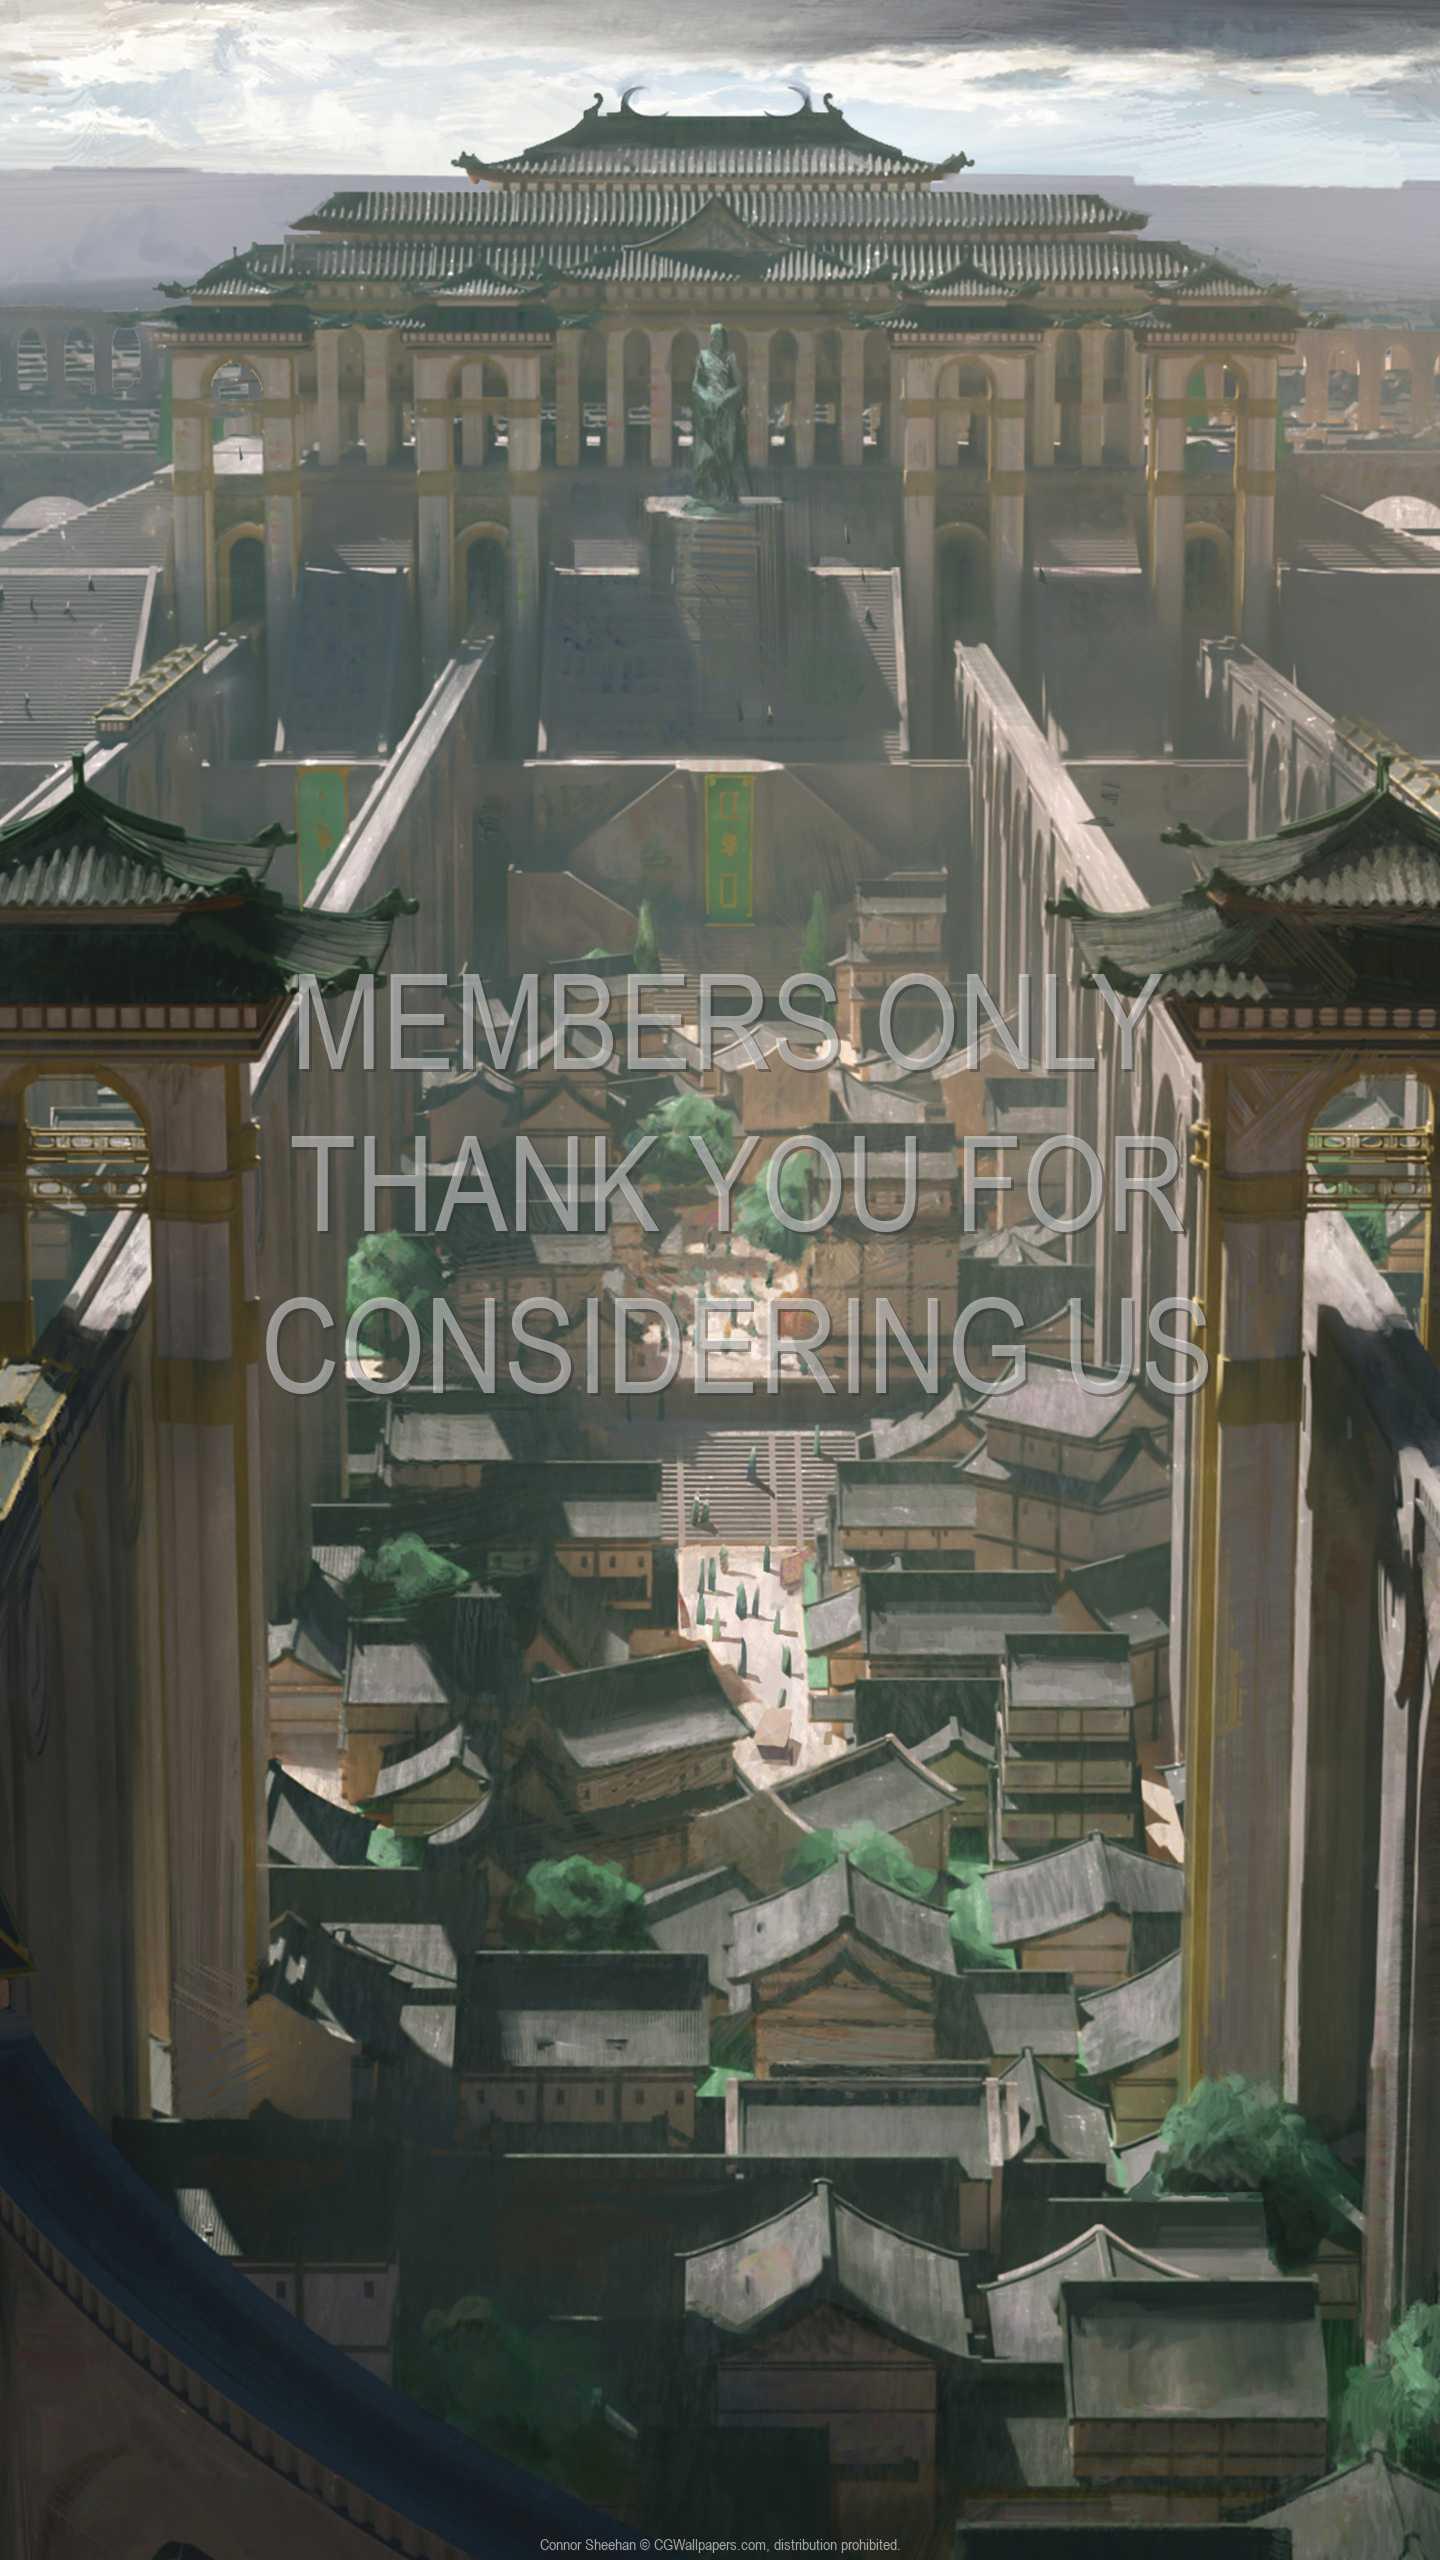 Connor Sheehan 1440p Vertical Móvil fondo de escritorio 14